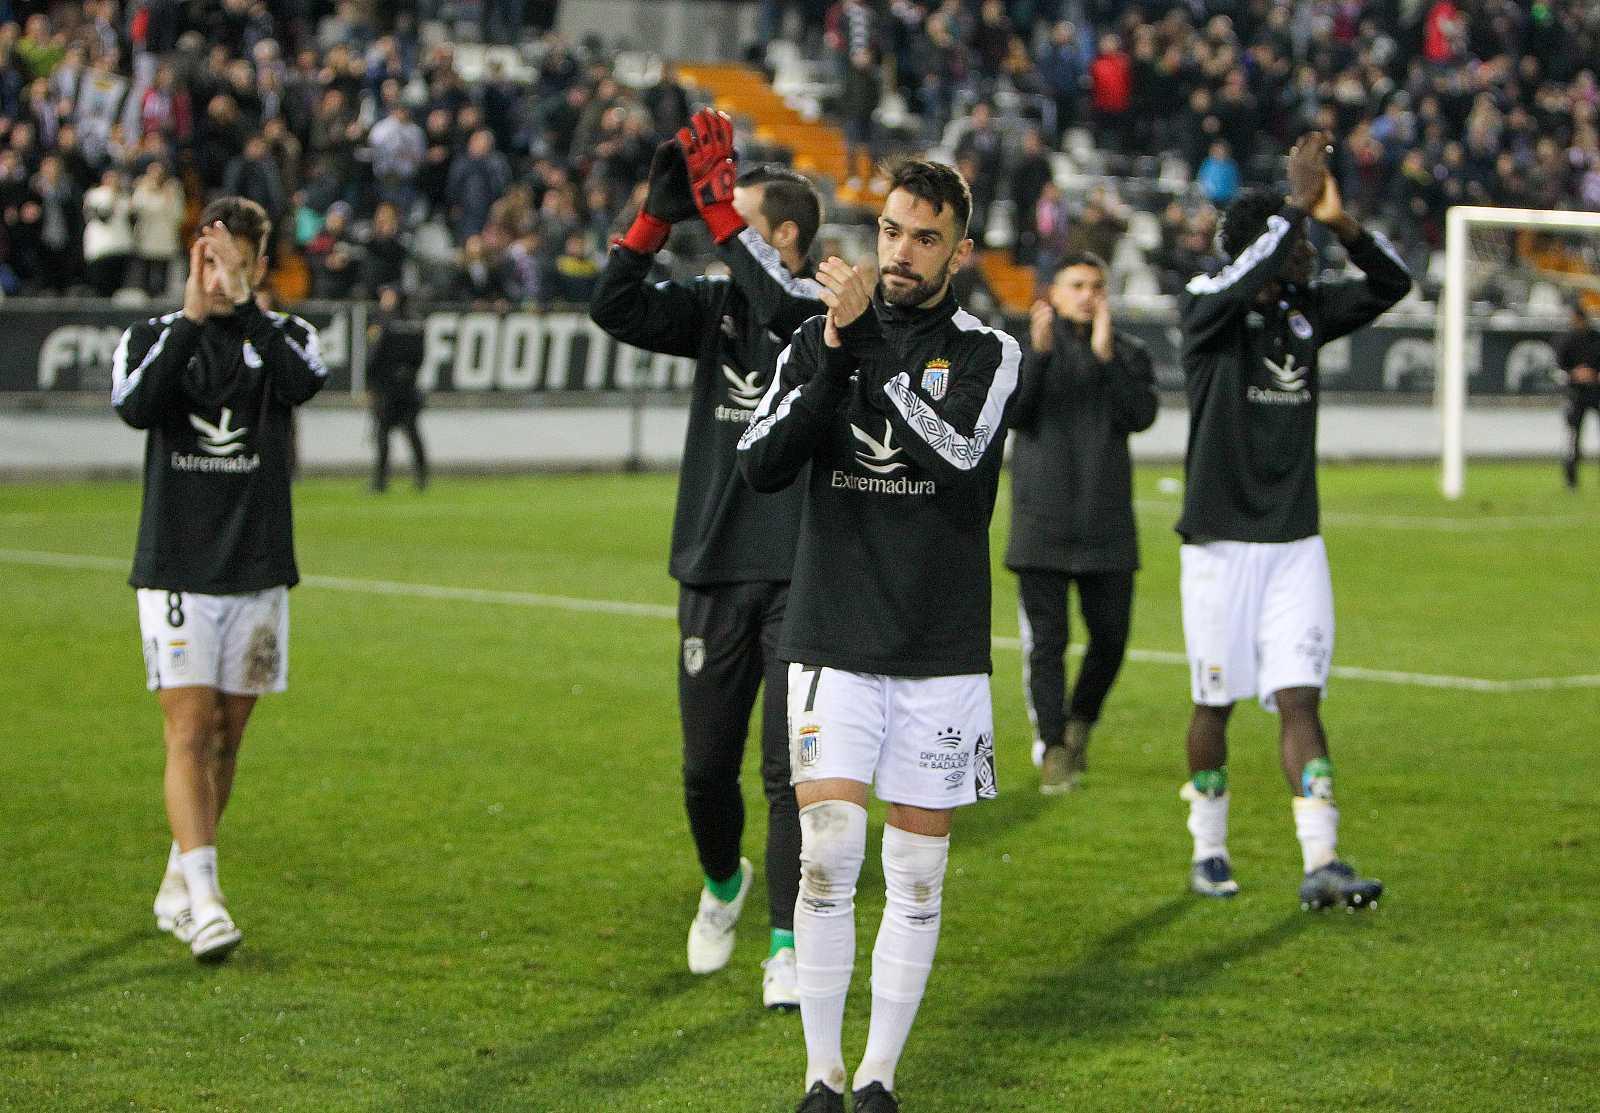 Los jugadores del Badajoz agradecen el apoyo a sus aficionados, tras caer eliminados en los octavos de final de la Copa del Rey frente al Granada.